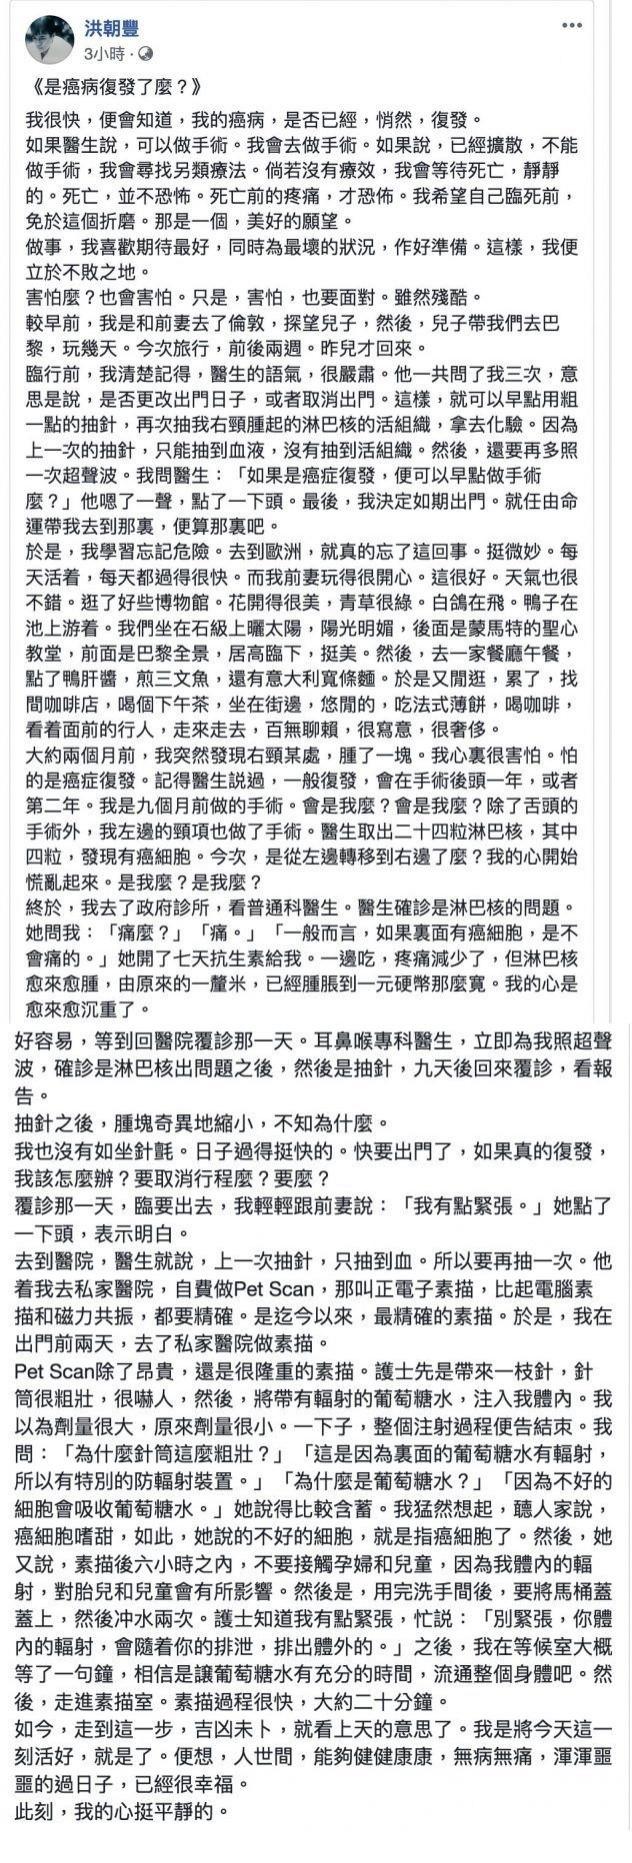 洪朝丰在面书透露癌症疑似复发的经过。